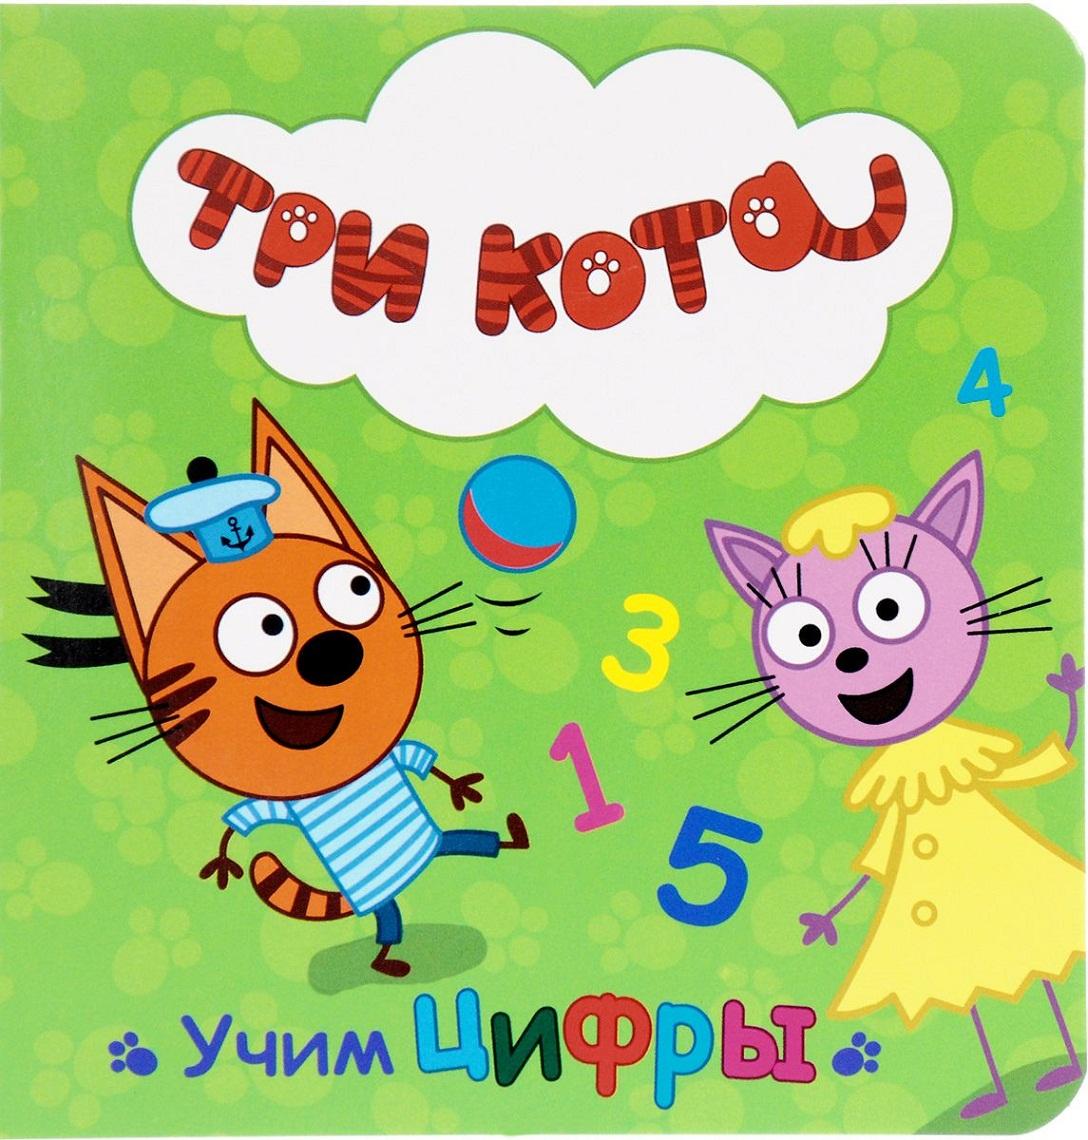 Книга - Три кота - Учим цифрыУчим буквы и цифры<br>Книга - Три кота - Учим цифры<br>